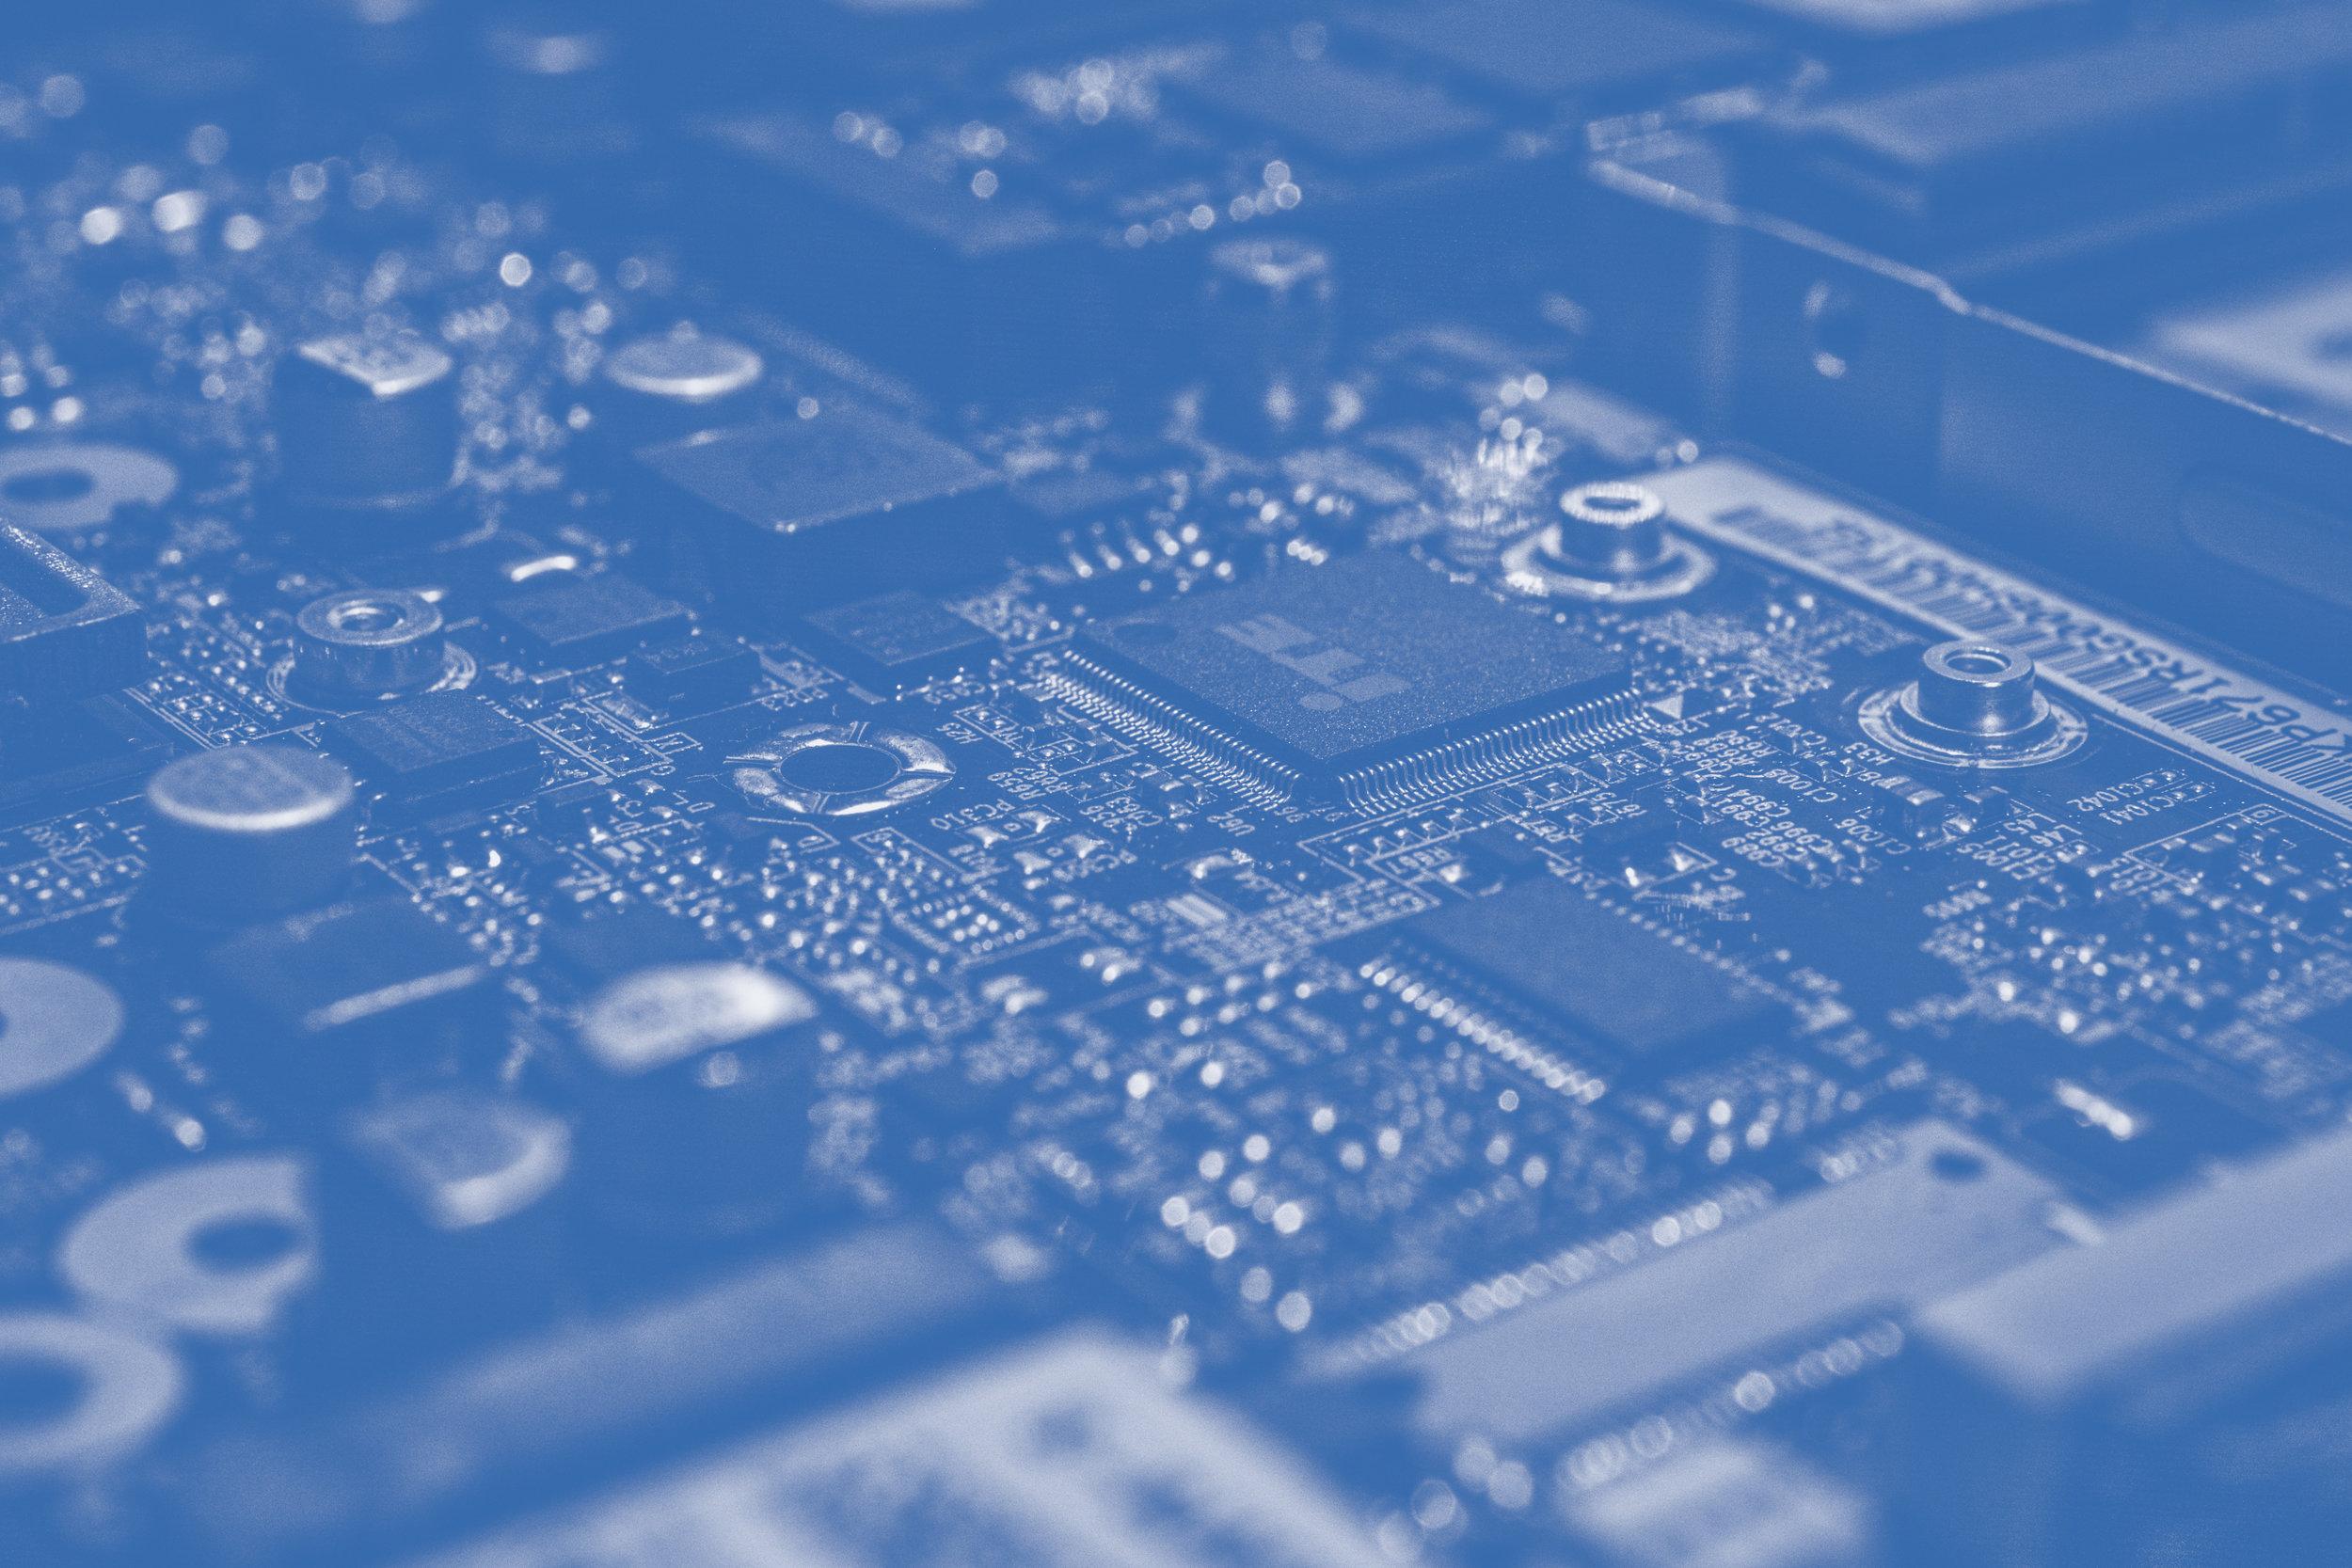 Technology_Blue.jpg